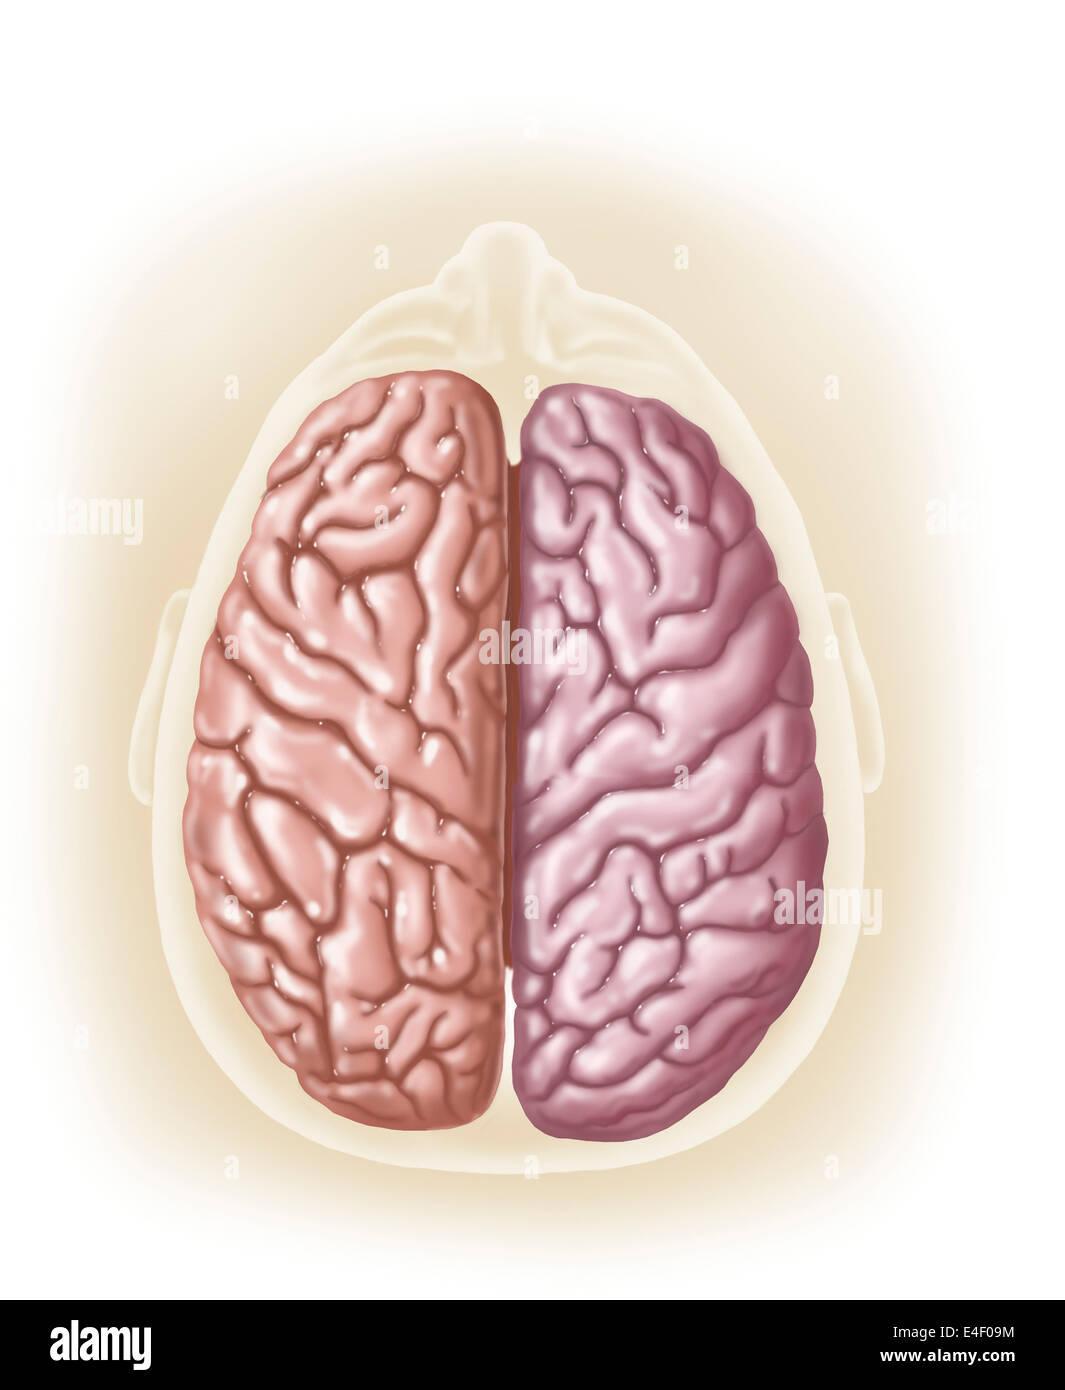 Vista de la parte superior de la cabeza humana mostrando hemisferios del cerebro humano. Imagen De Stock